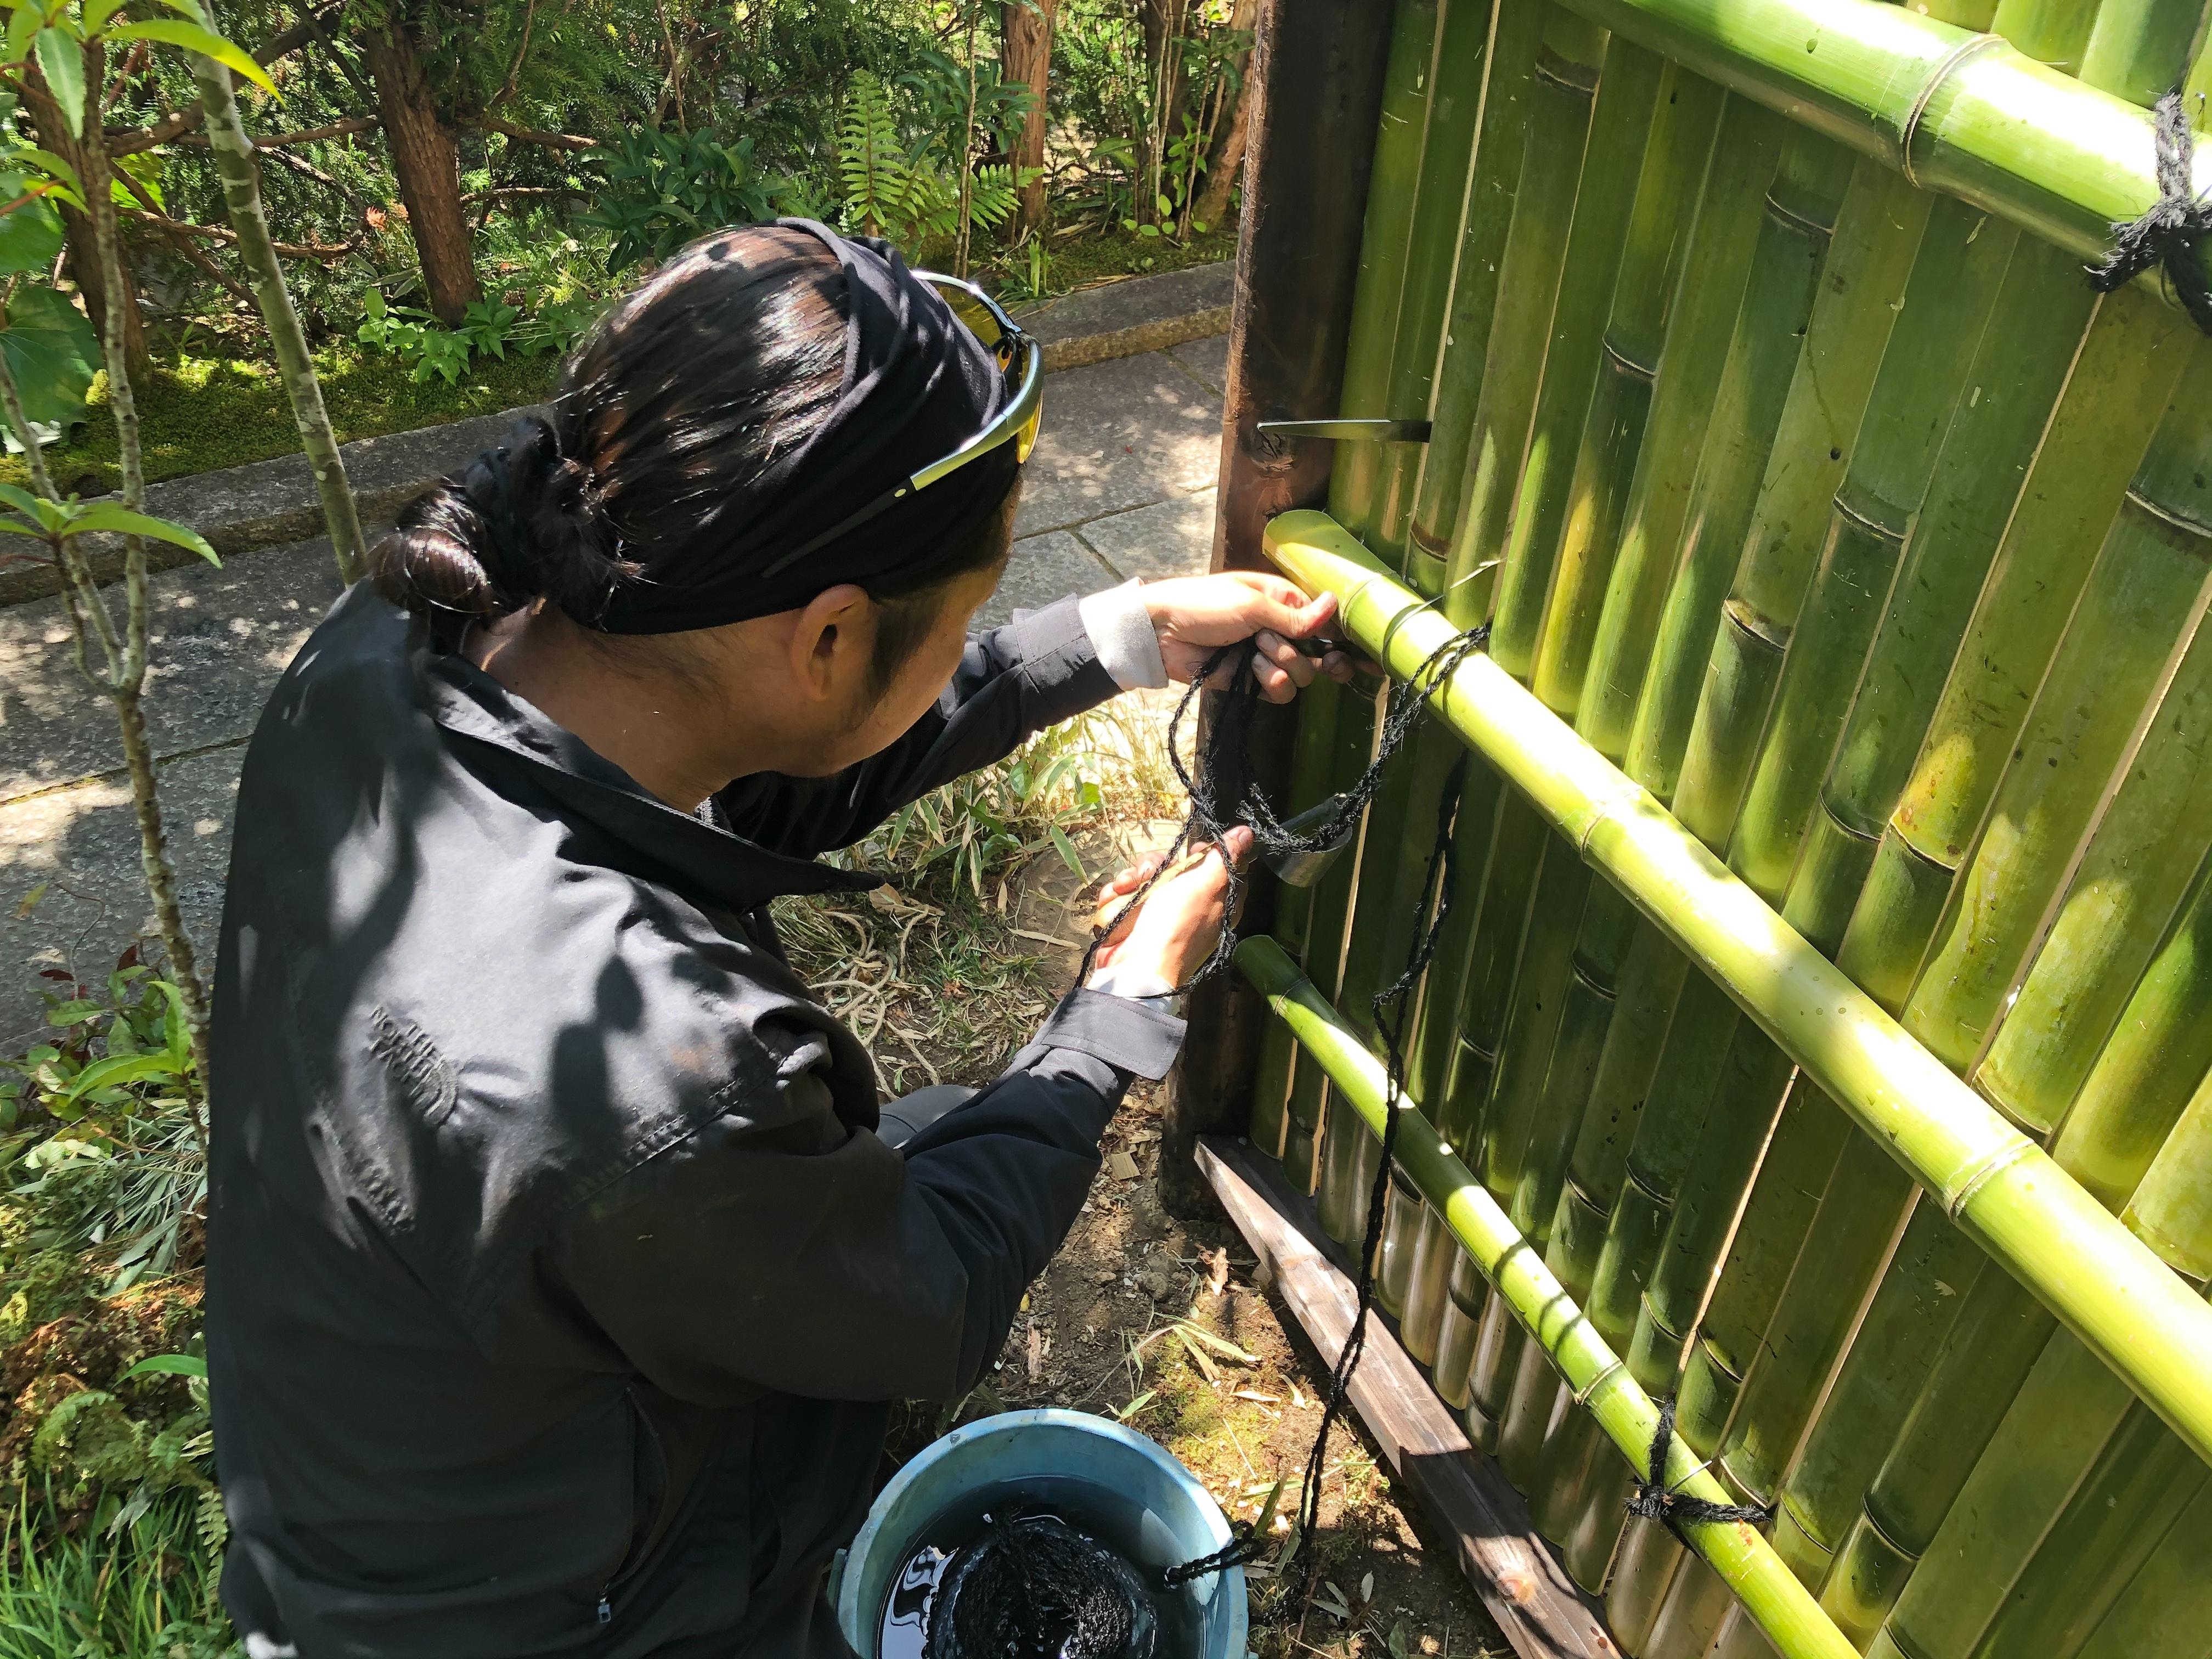 竹垣の結束に使う縄も自然由来のシュロ縄を使用します。